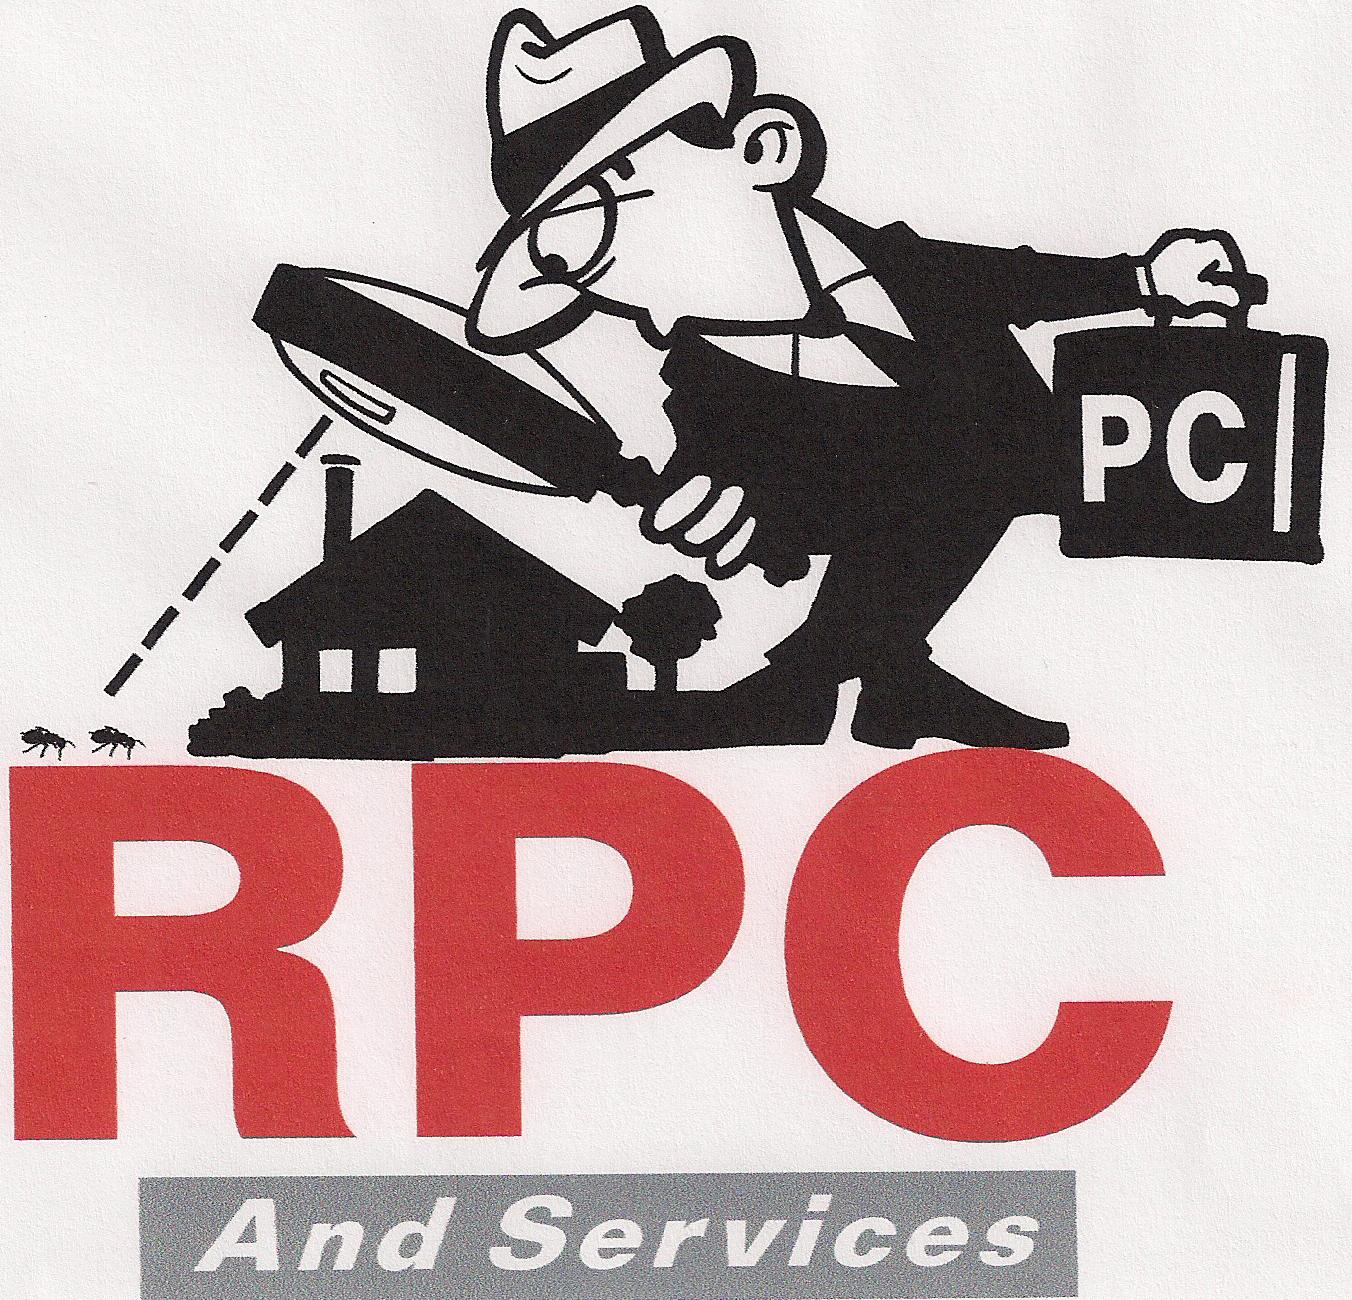 Silver Sponsor , Name as sponsor in Event Booklet - RPC  - Logo